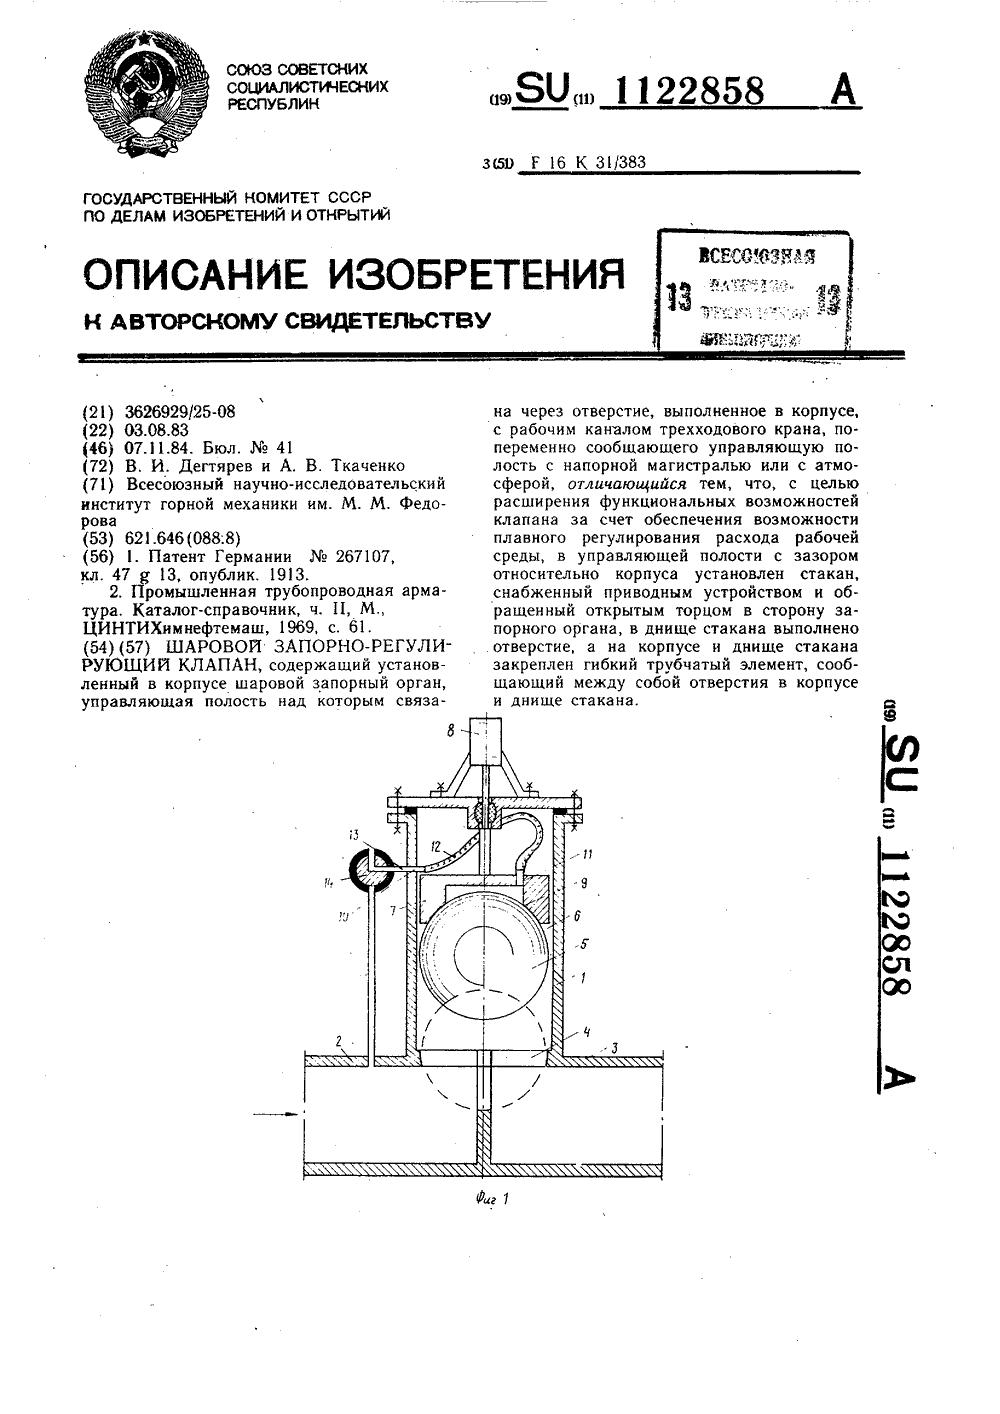 Реферат запорно регулирующей арматуры 13 фотография